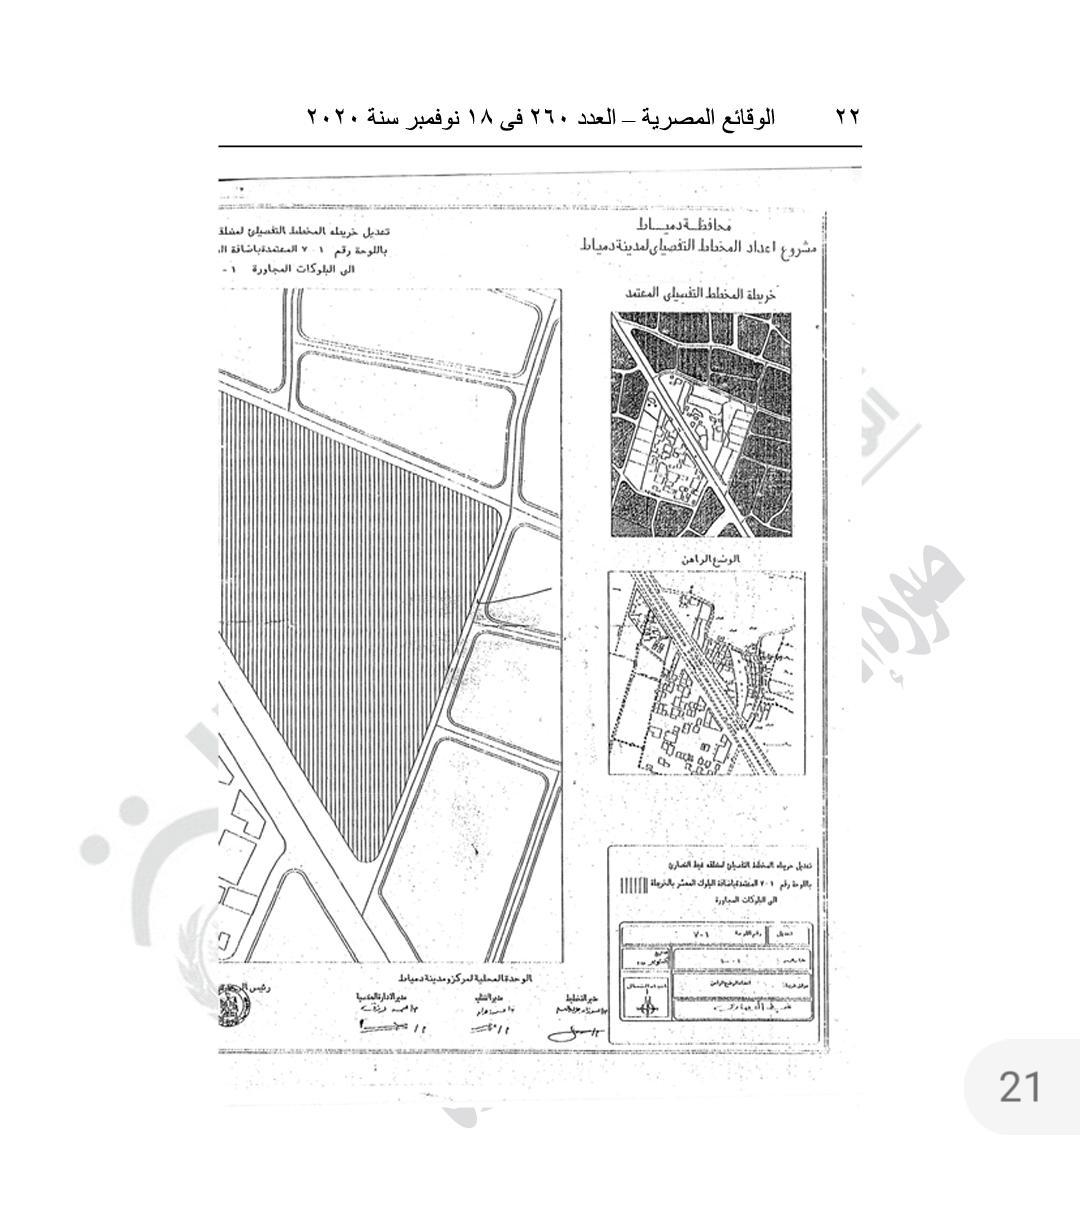 المخطط التفصيلى لقرية فى دمياط